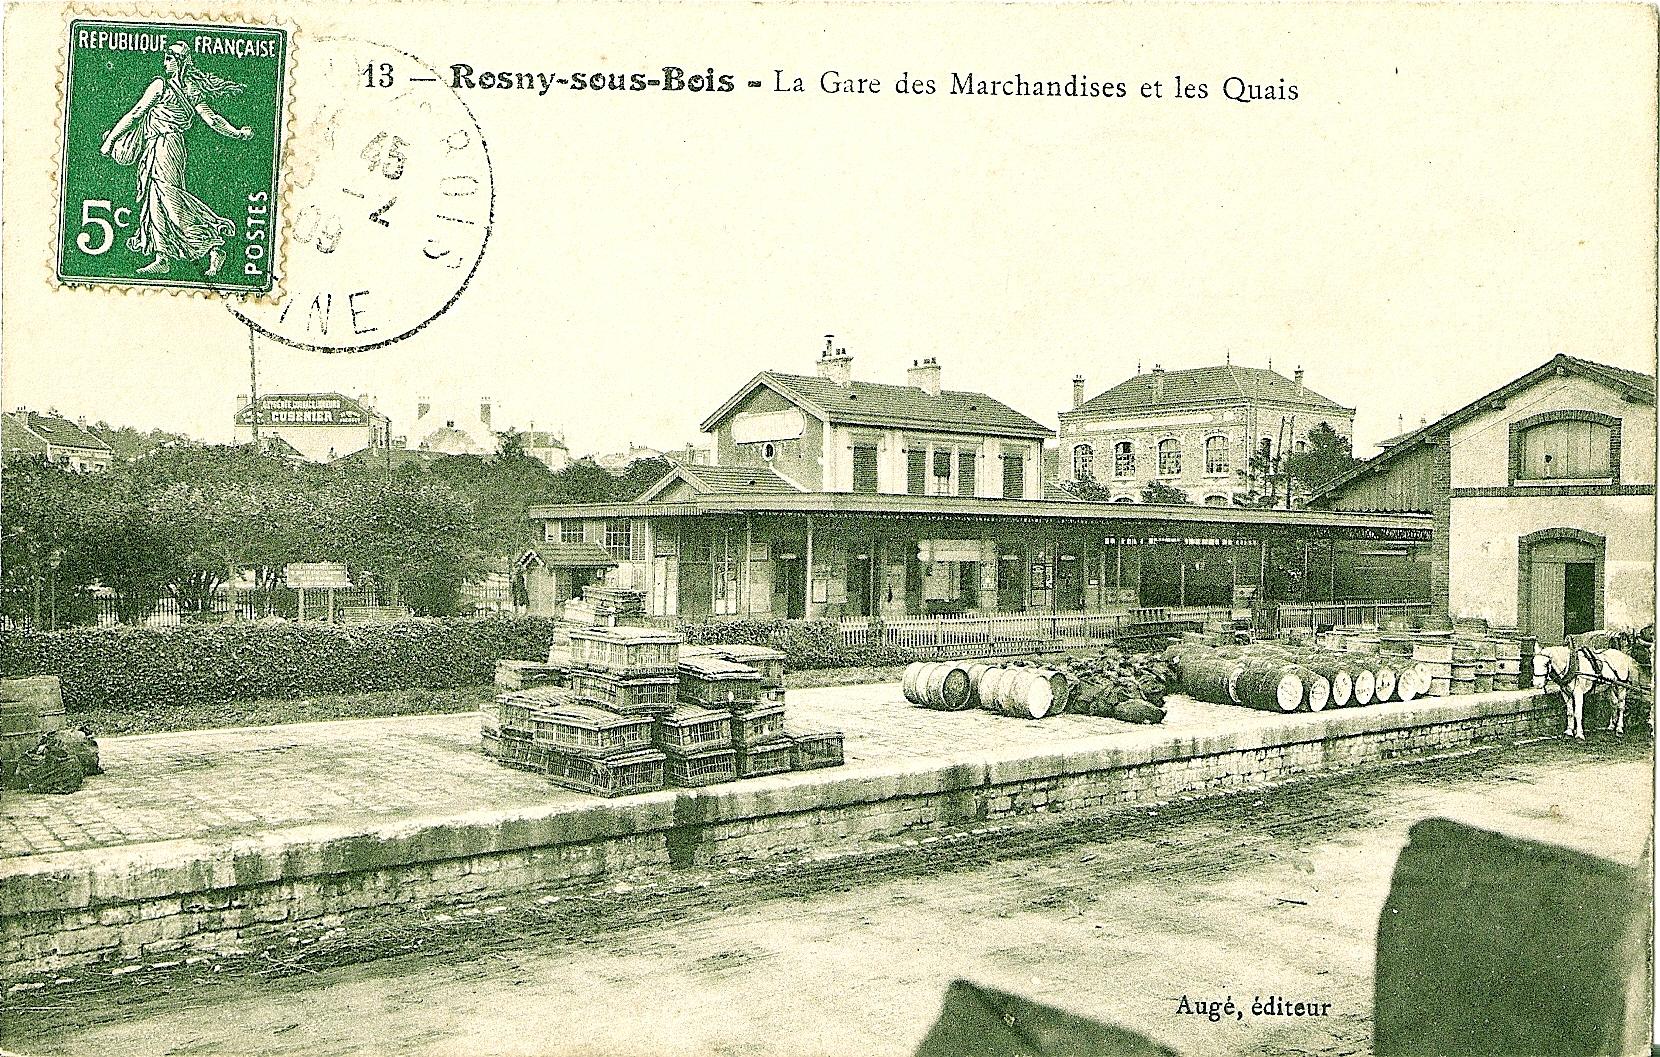 Description ROSNY SOUS BOIS  La Gare des Marchandises et les Quais  ~ Generaliste Rosny Sous Bois